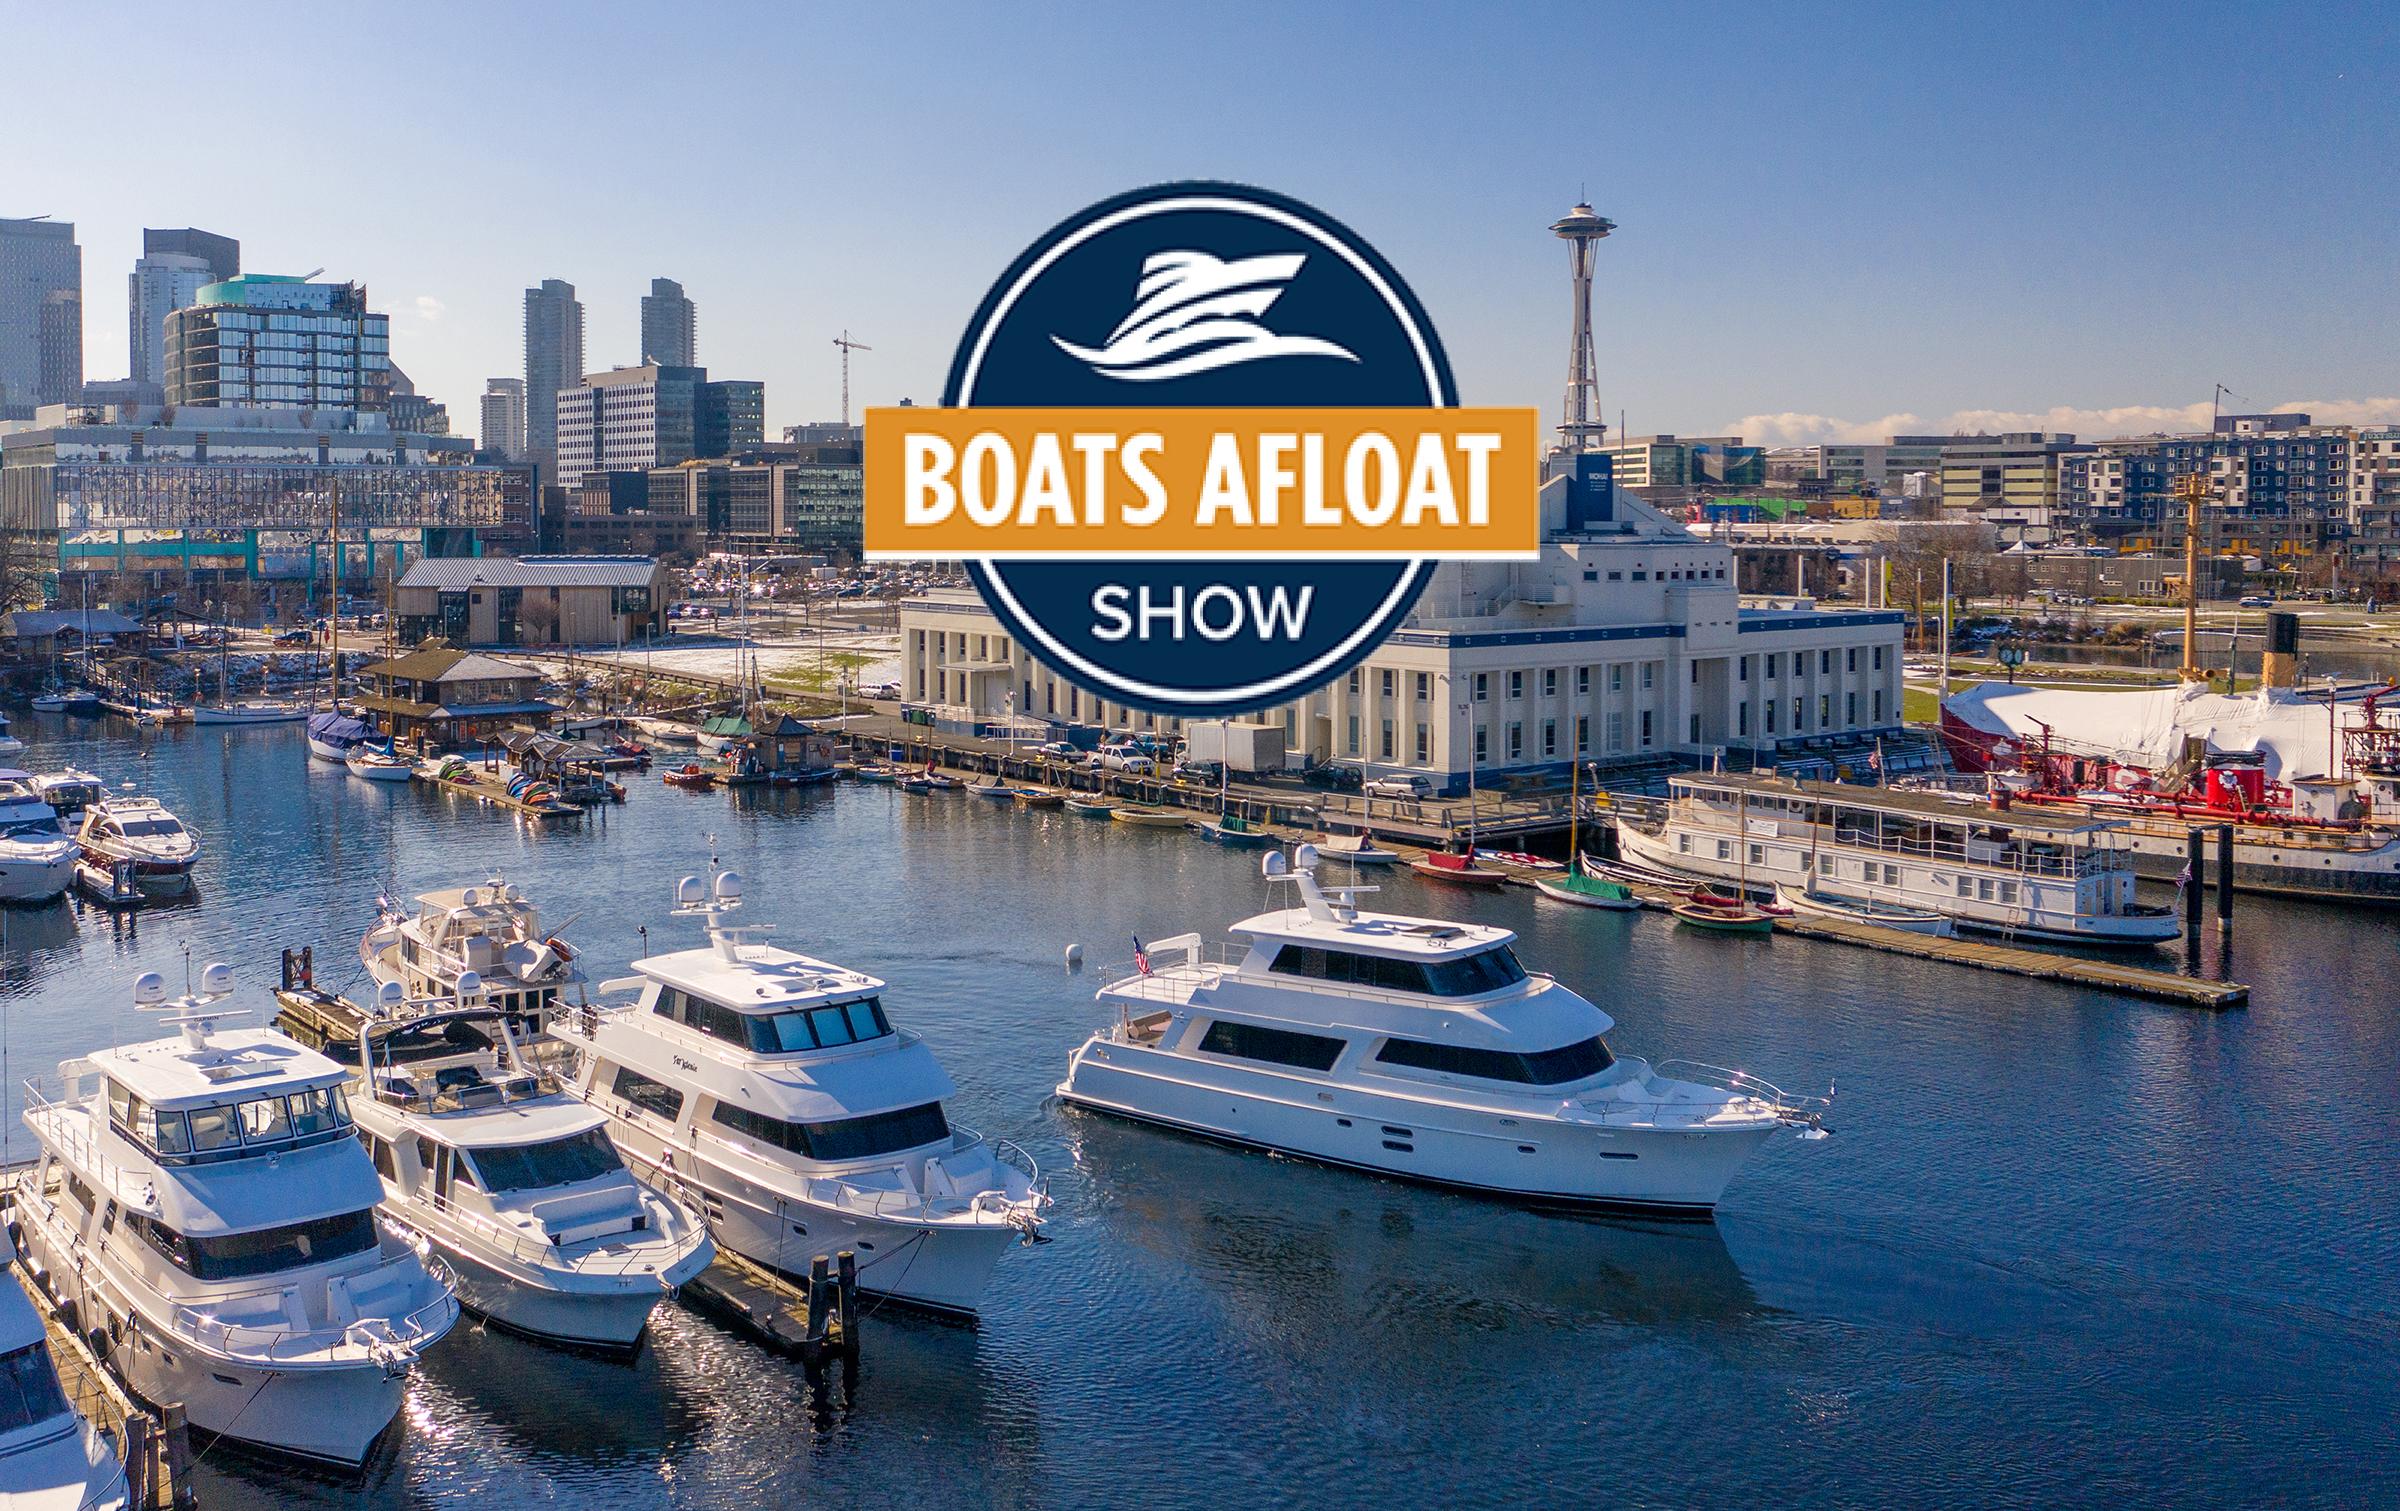 boats-afloat-2019.jpg#asset:10300